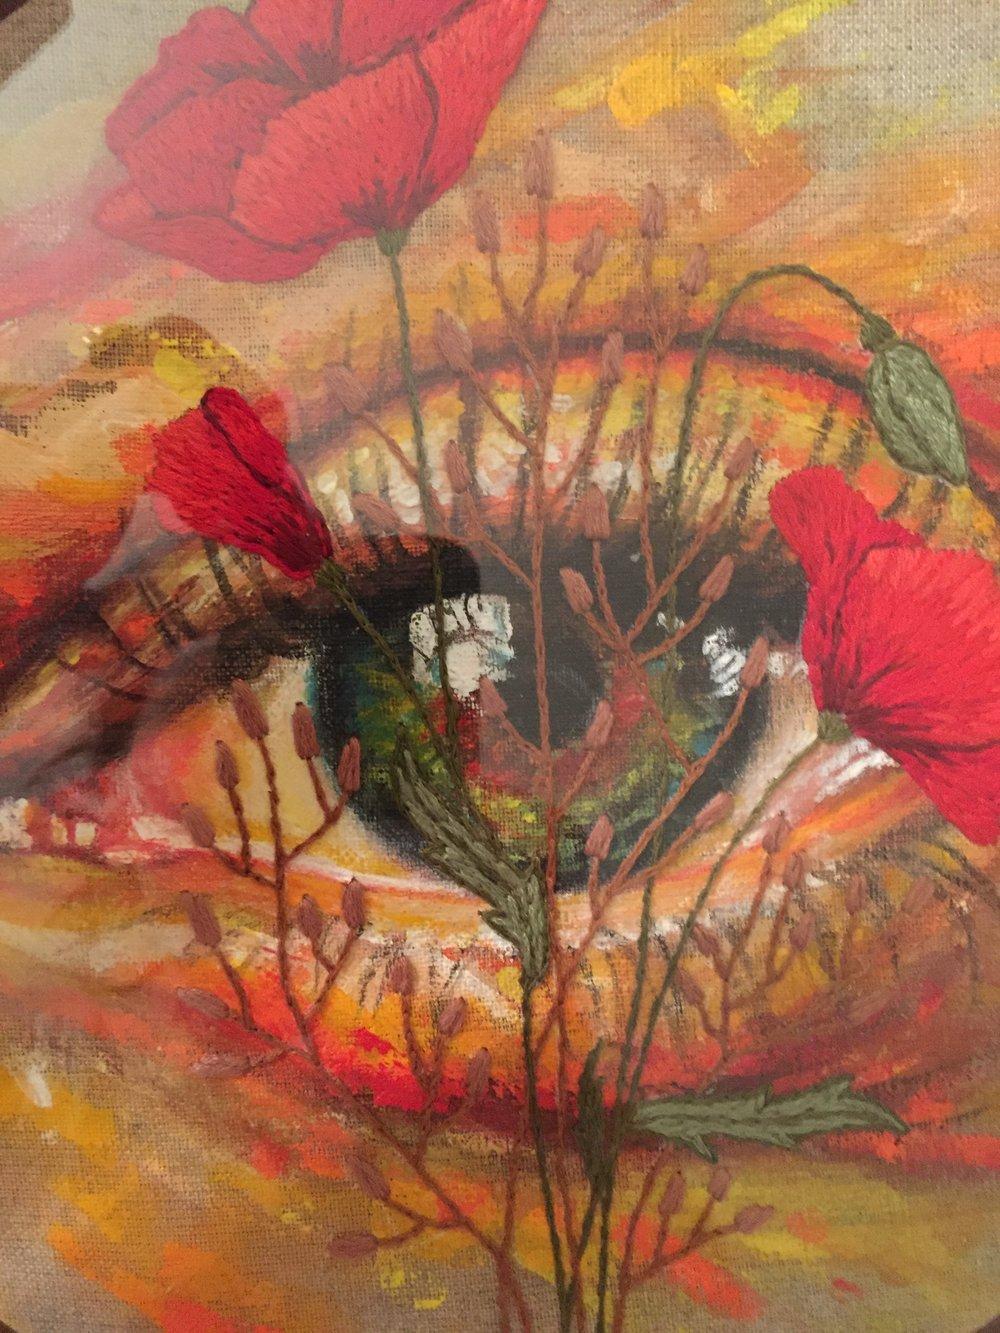 Poppy by  David Walker and Yuli Gates